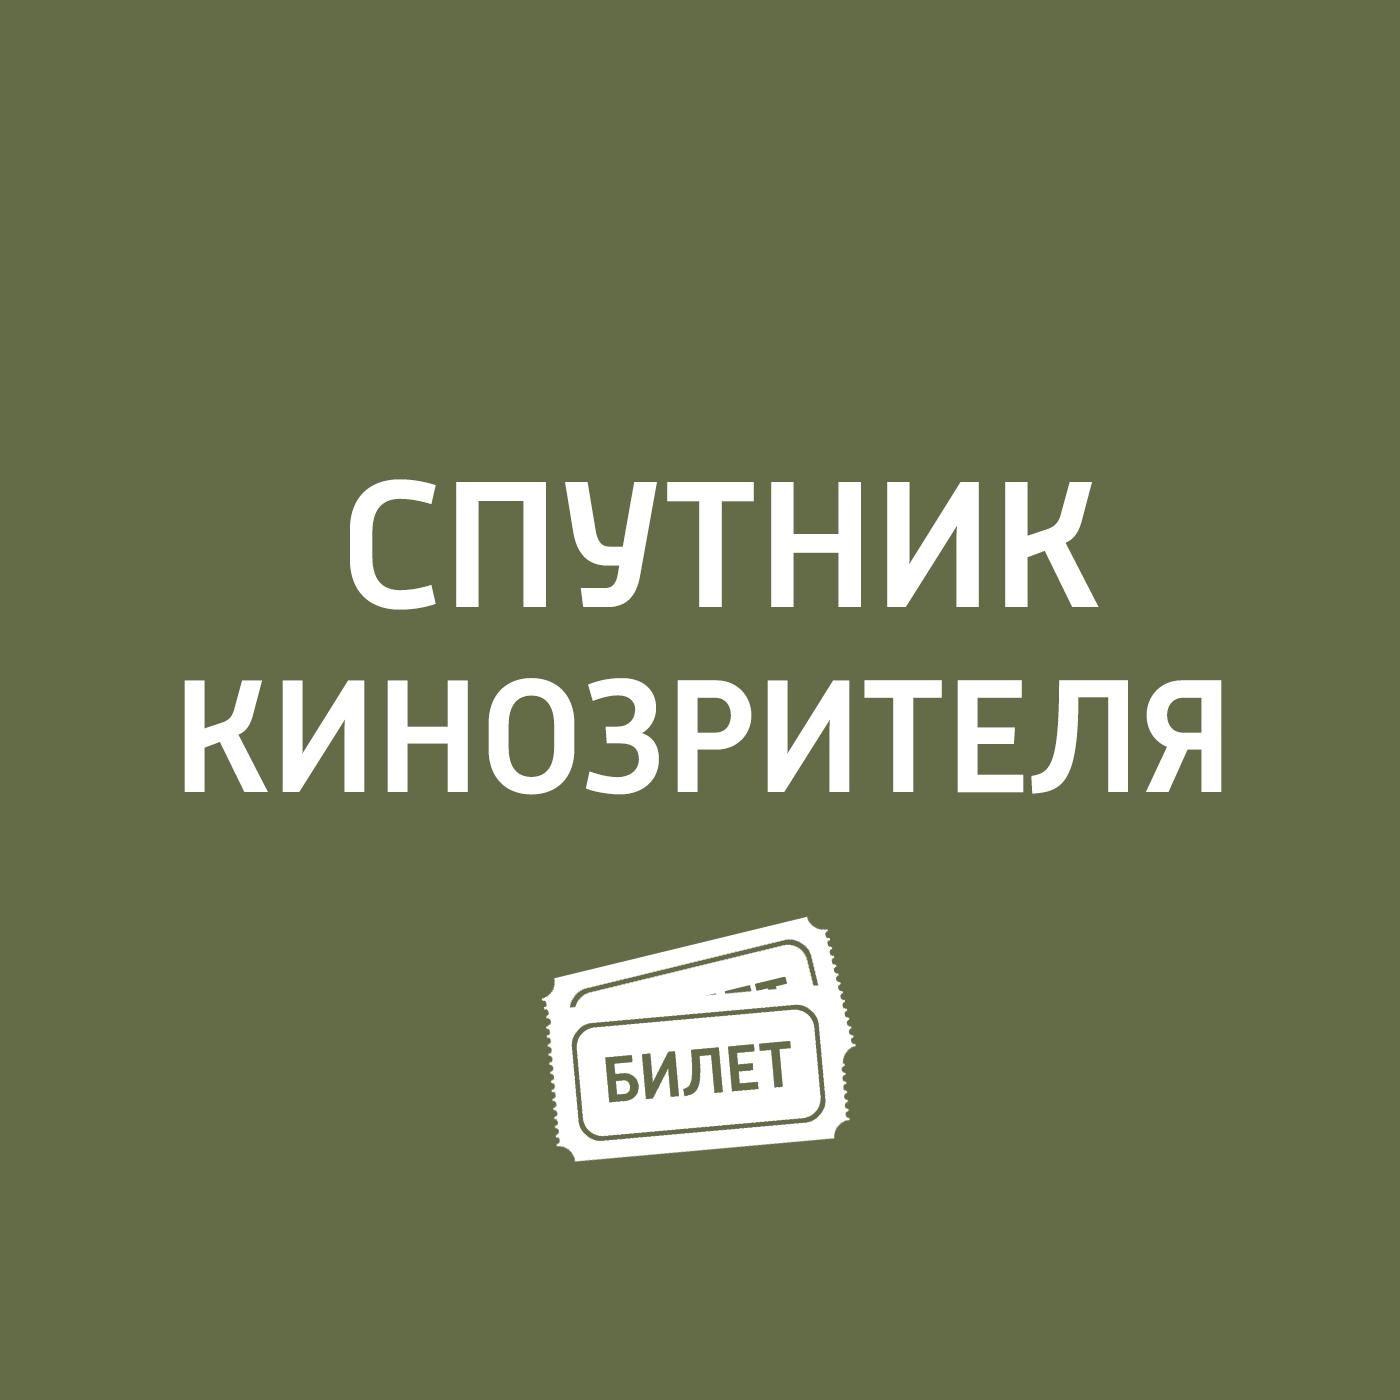 Антон Долин РЭД 2, «Смурфики 2, «Византия и др. антон долин не угаснет надежда воровка книг и др